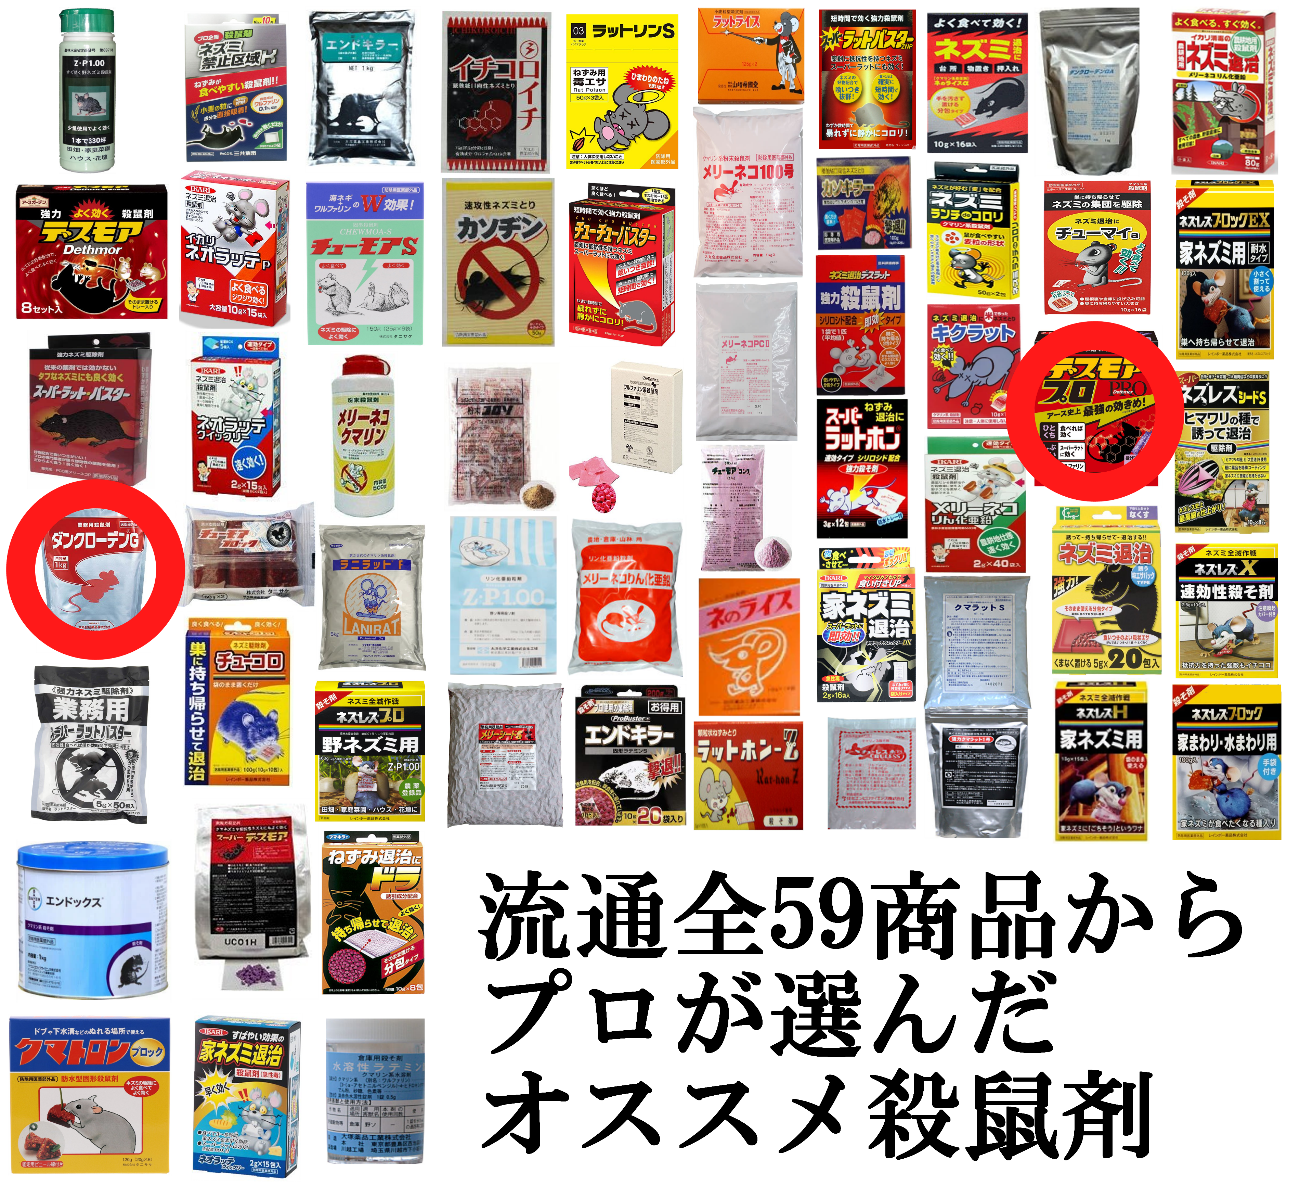 殺鼠剤59種類